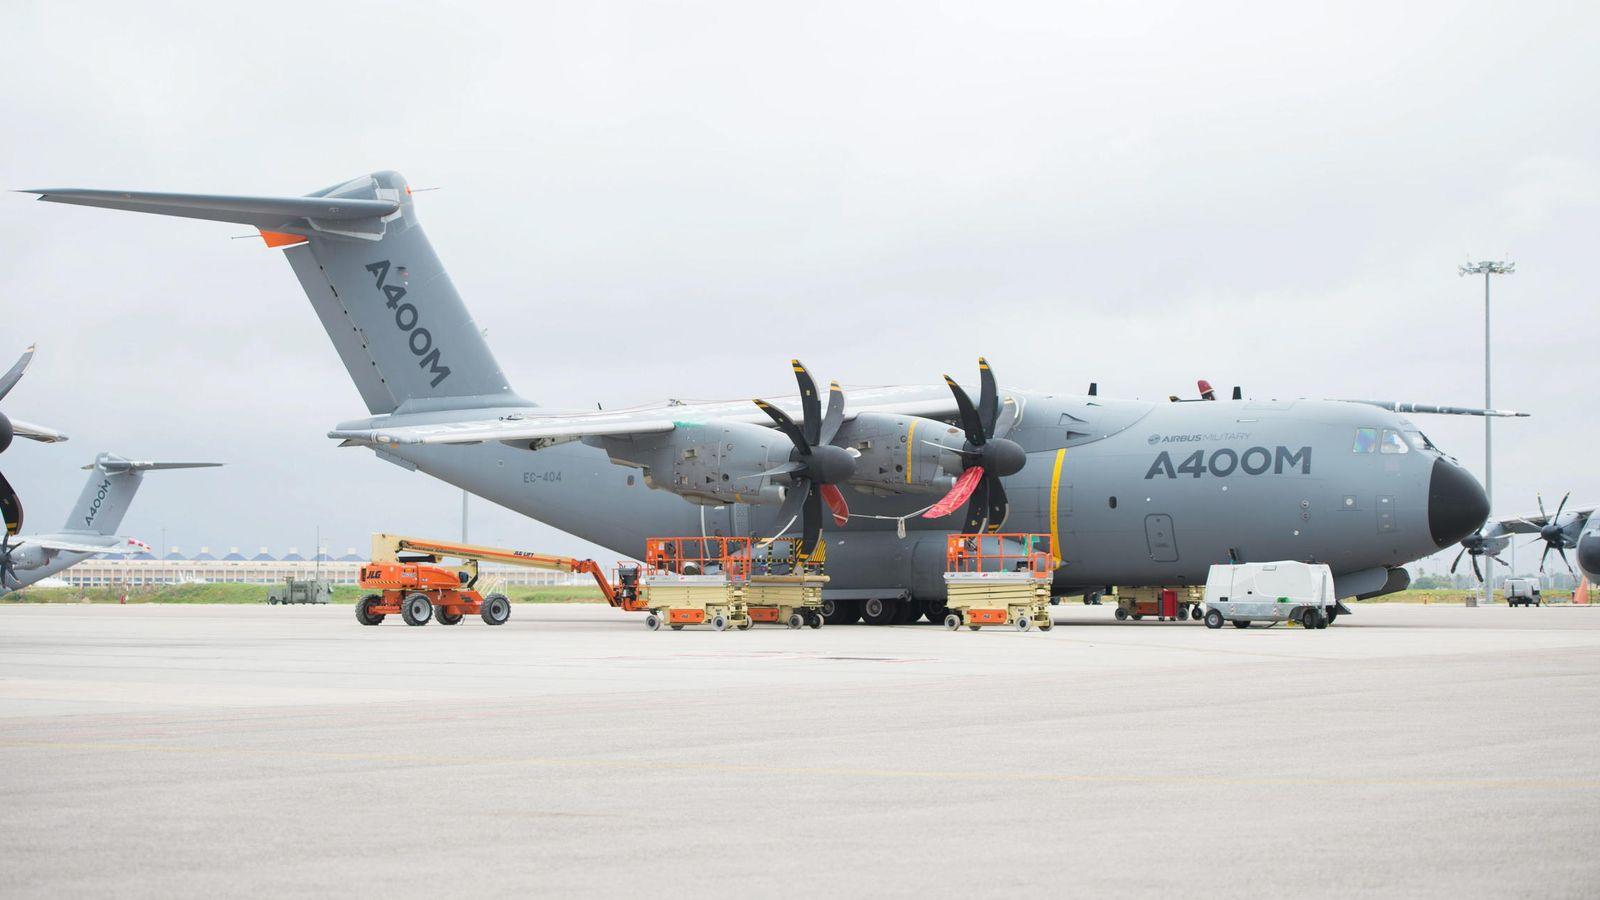 Foto: Imagen de archivo de un modelo de avión Airbus 400M. (EFE)